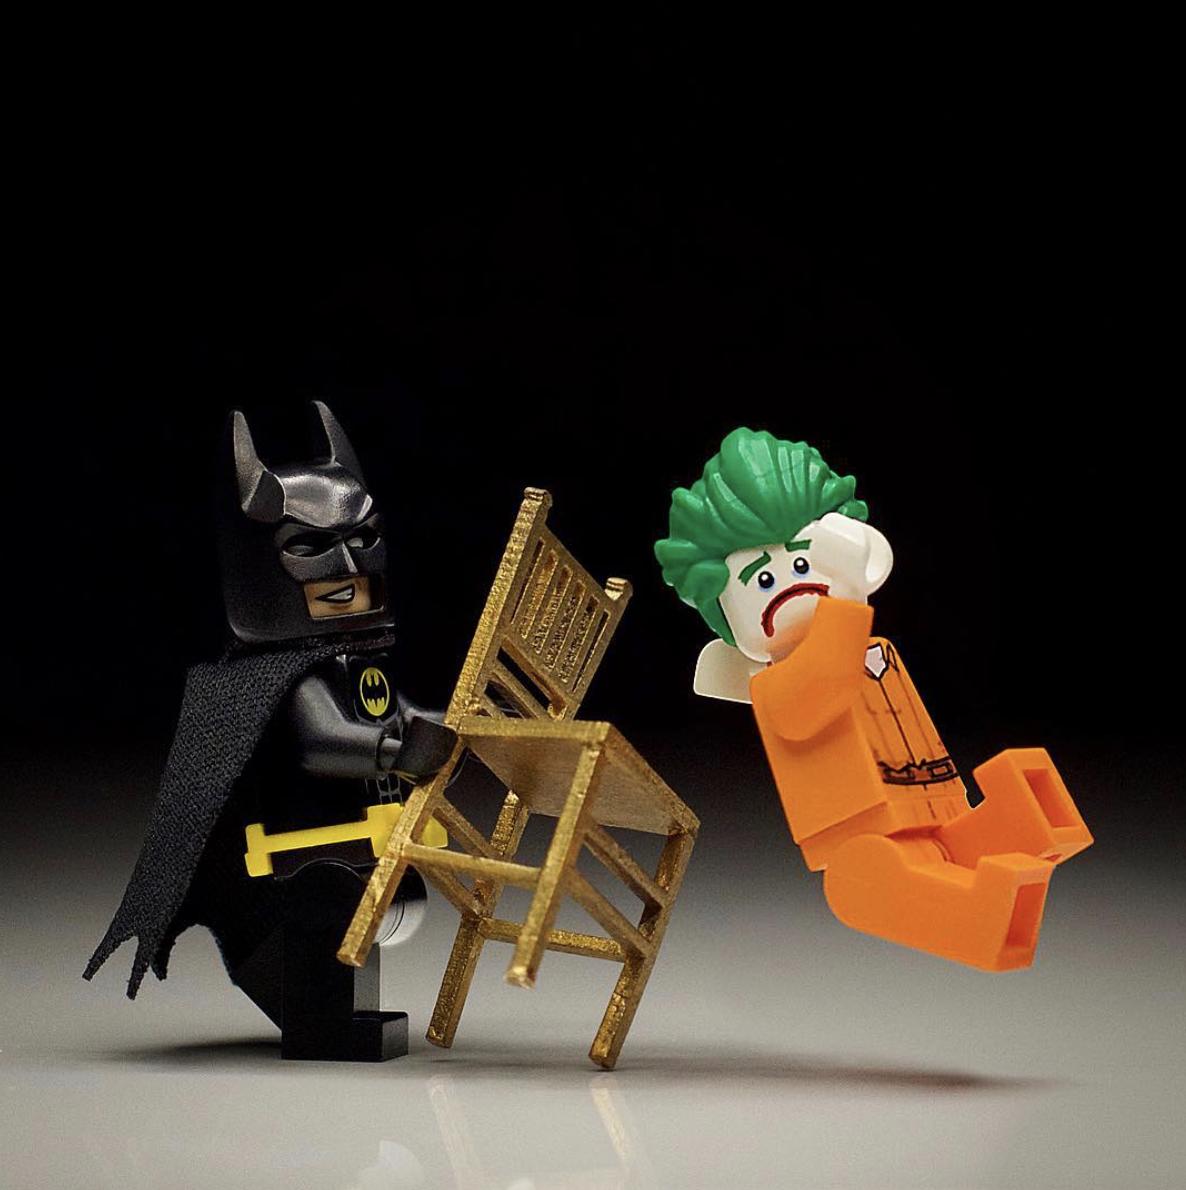 Legoistics: um Instagram com criações incríveis